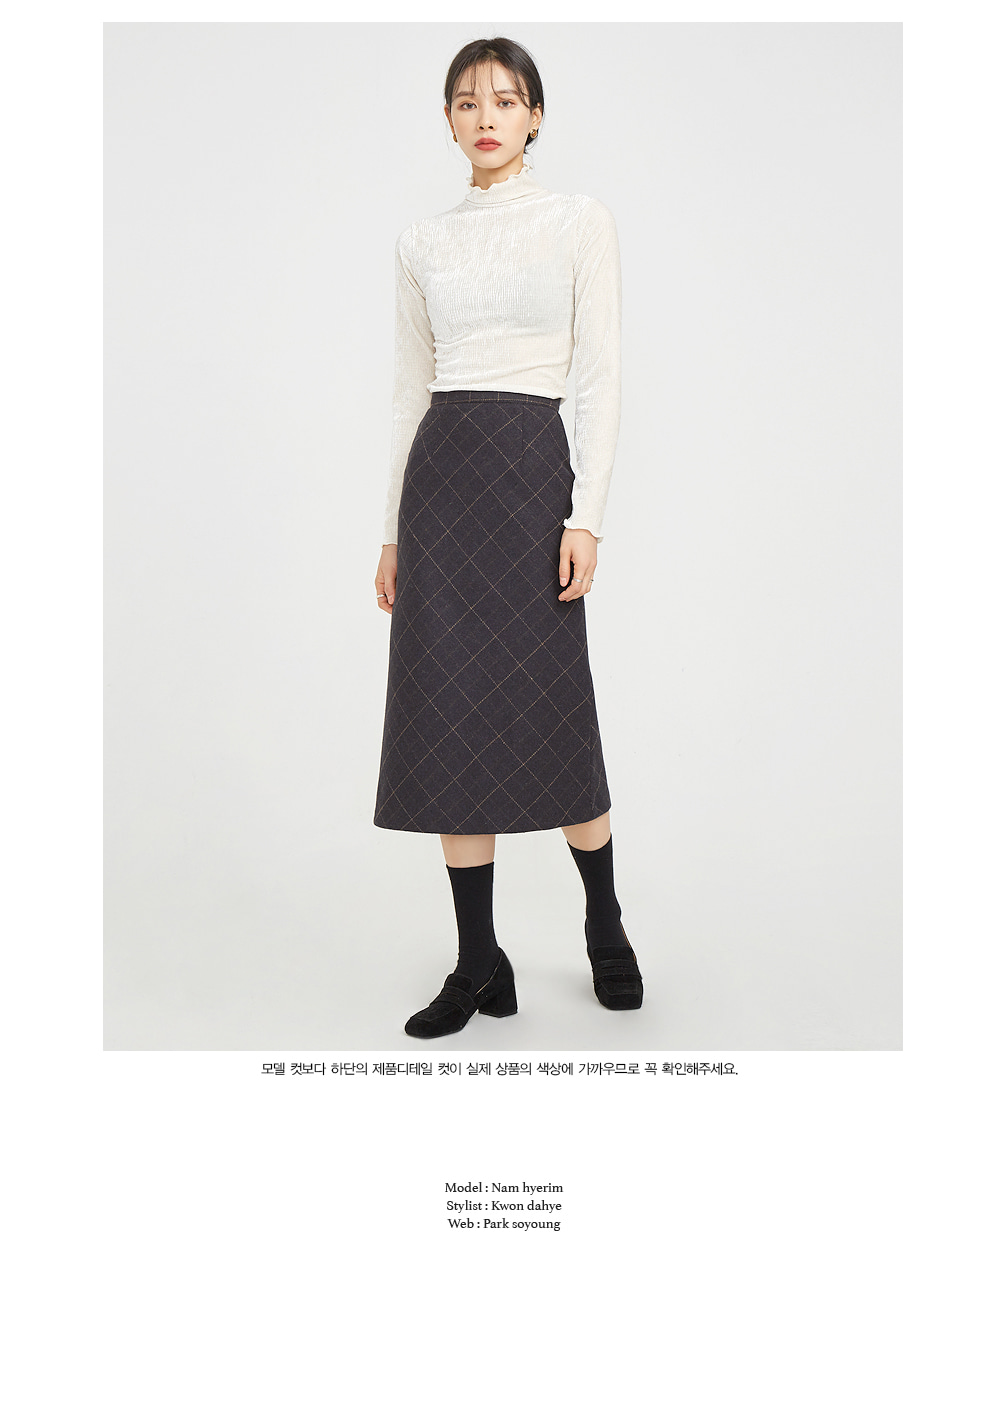 韓国コーデ, レディースファッション, 韓国通販, 韓国スタイル, 韓国のファッション, 女性, 衣類, アウター,